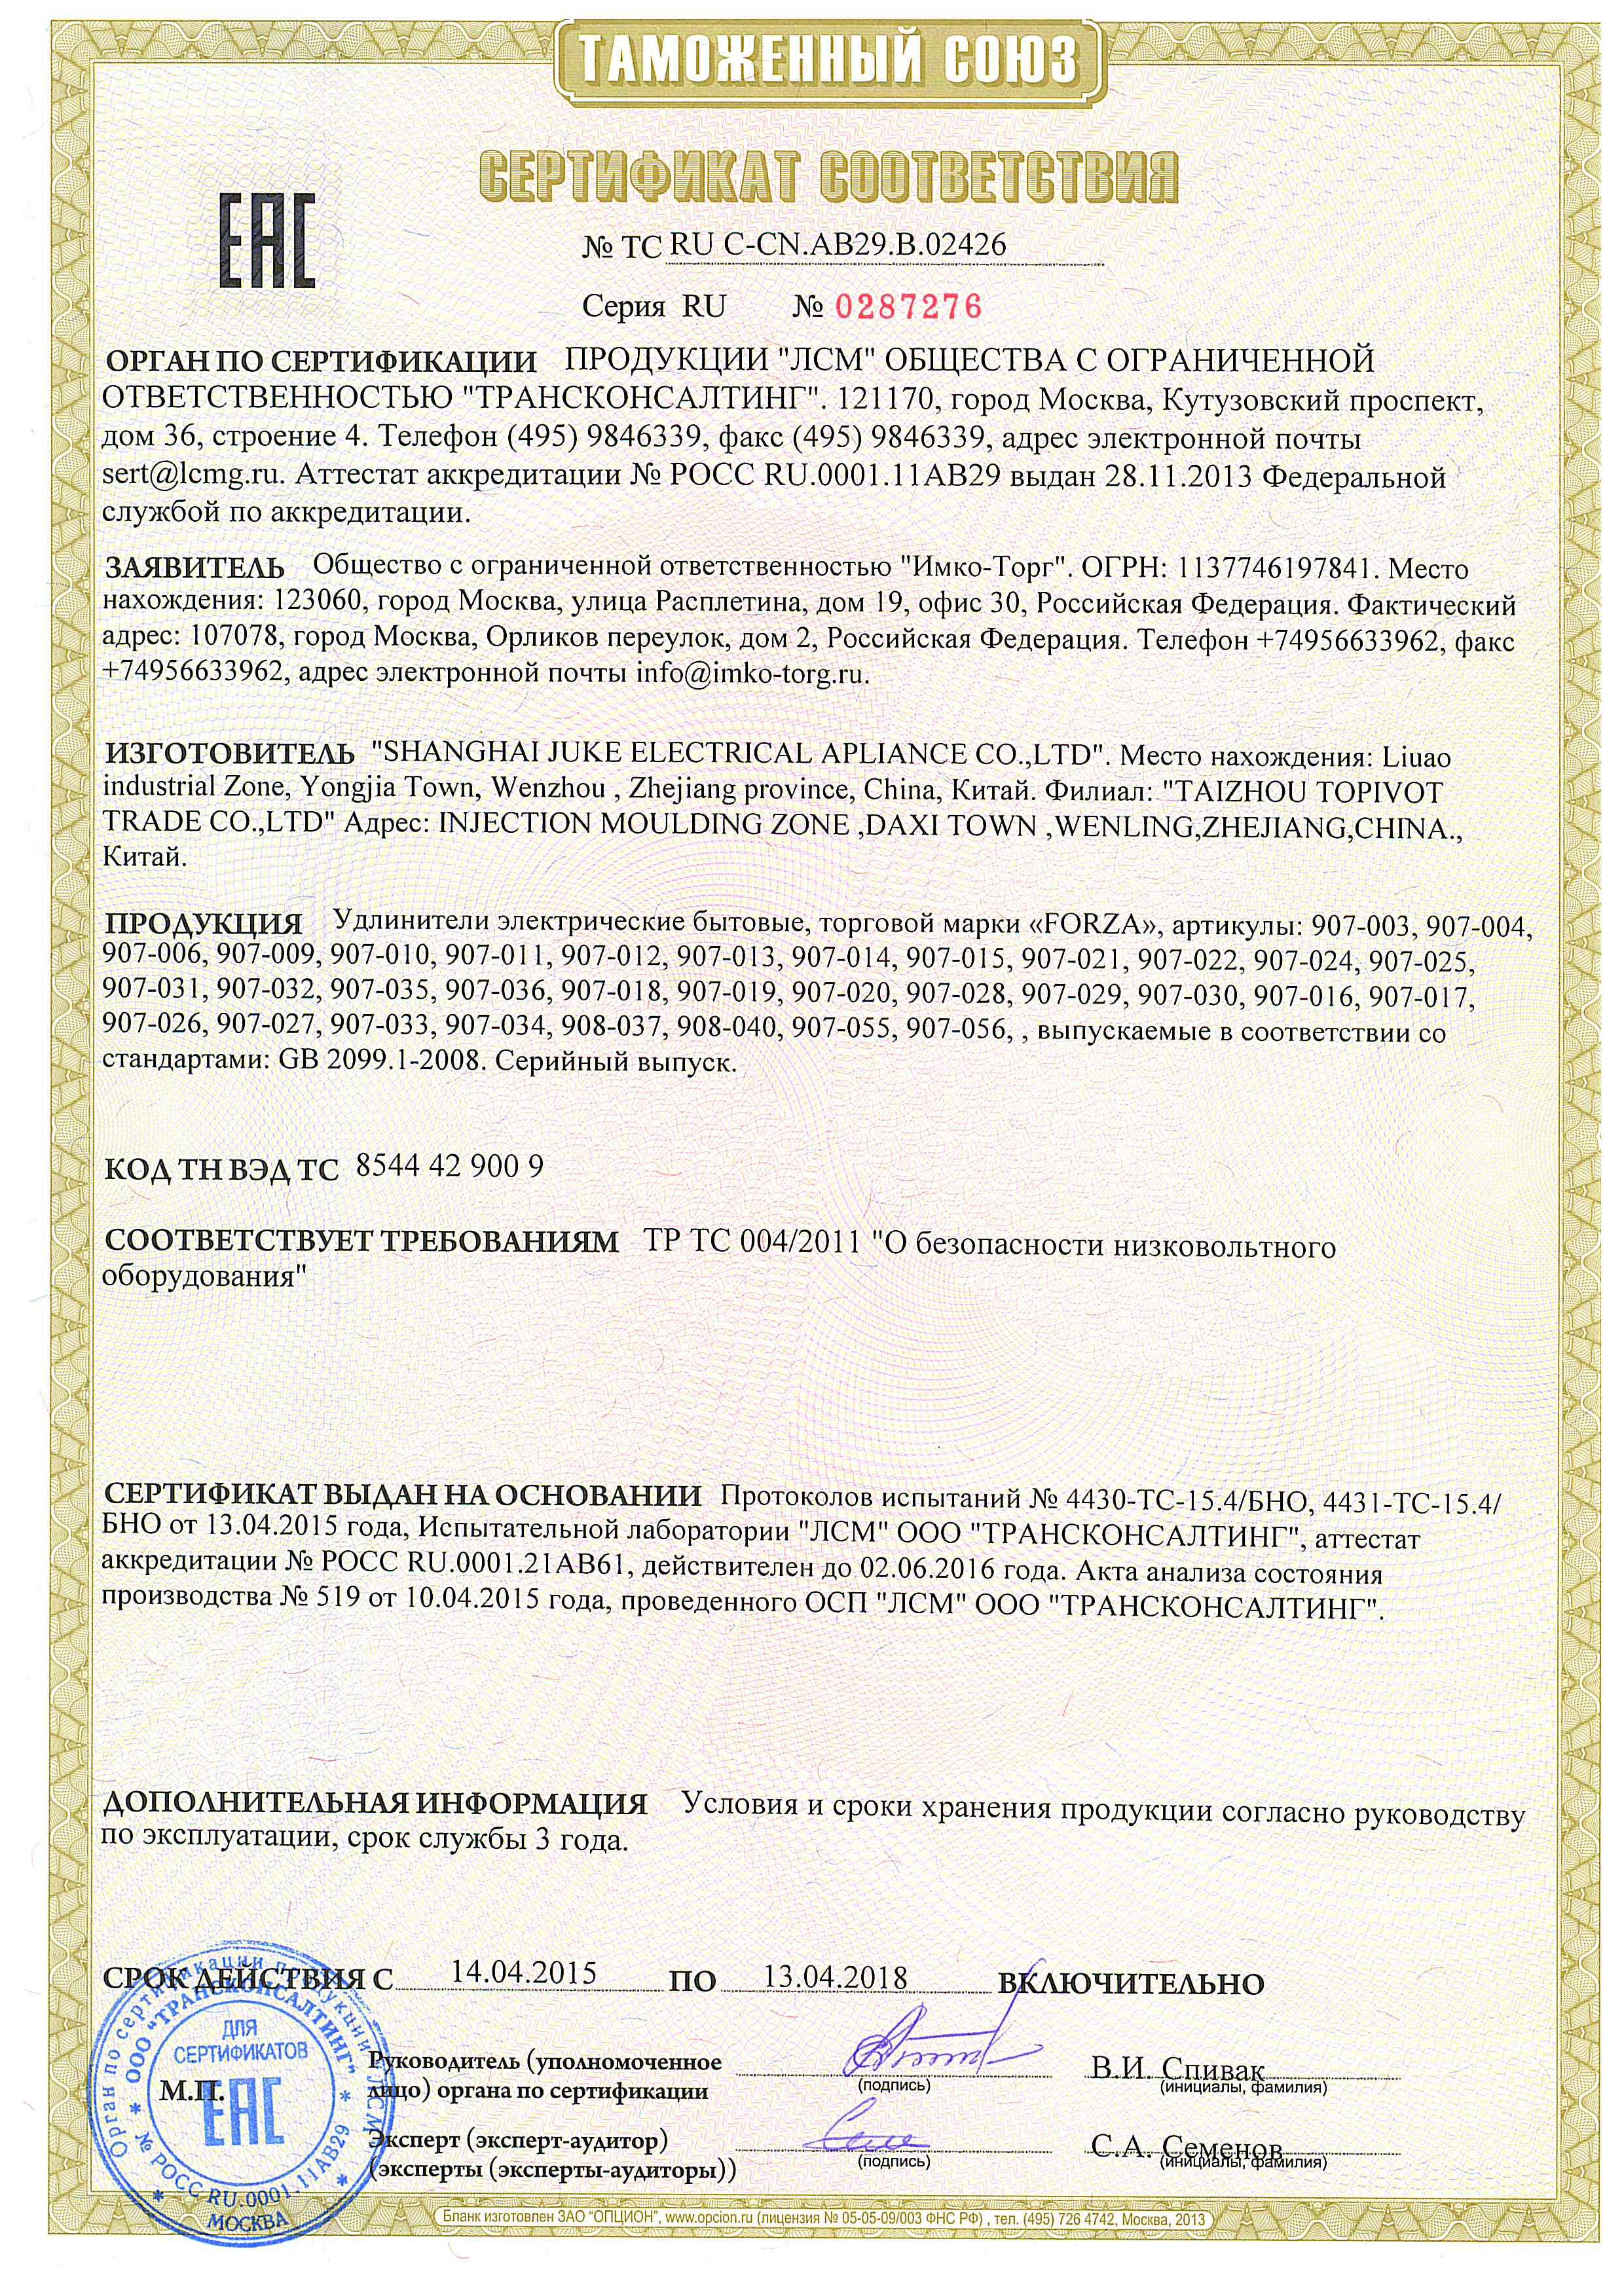 RUC-CN.AV29.V.02426.jpg